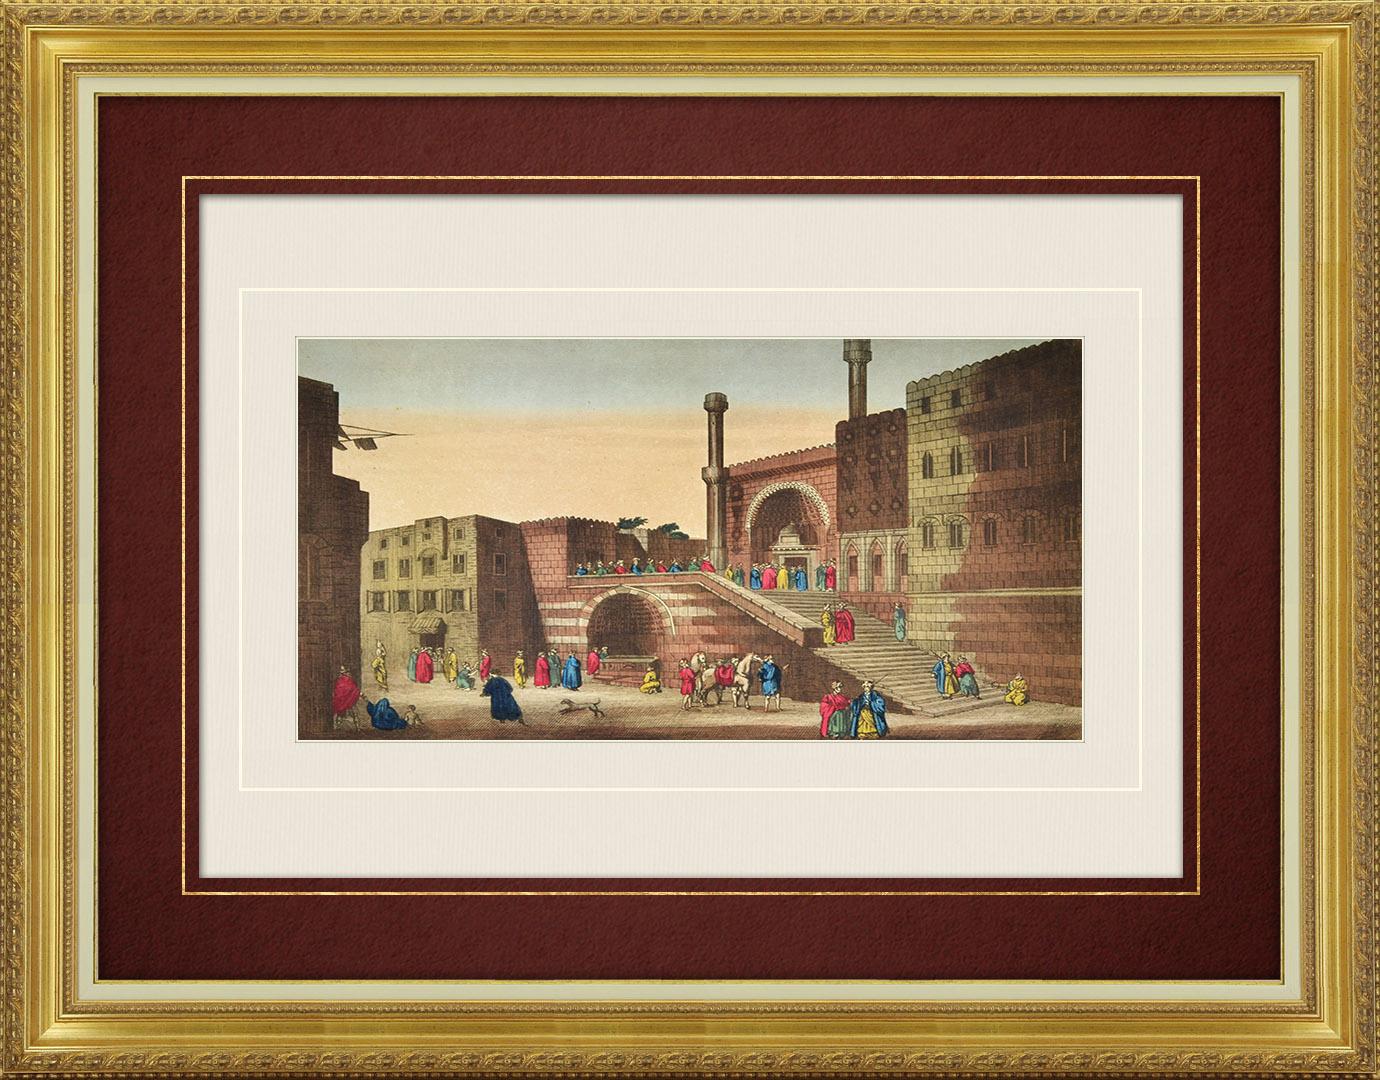 Vue d'optique du 19e siècle en coloris d'époque du Caire - Mosquée al-Ghawri - Fontaine des Amants (Egypte)